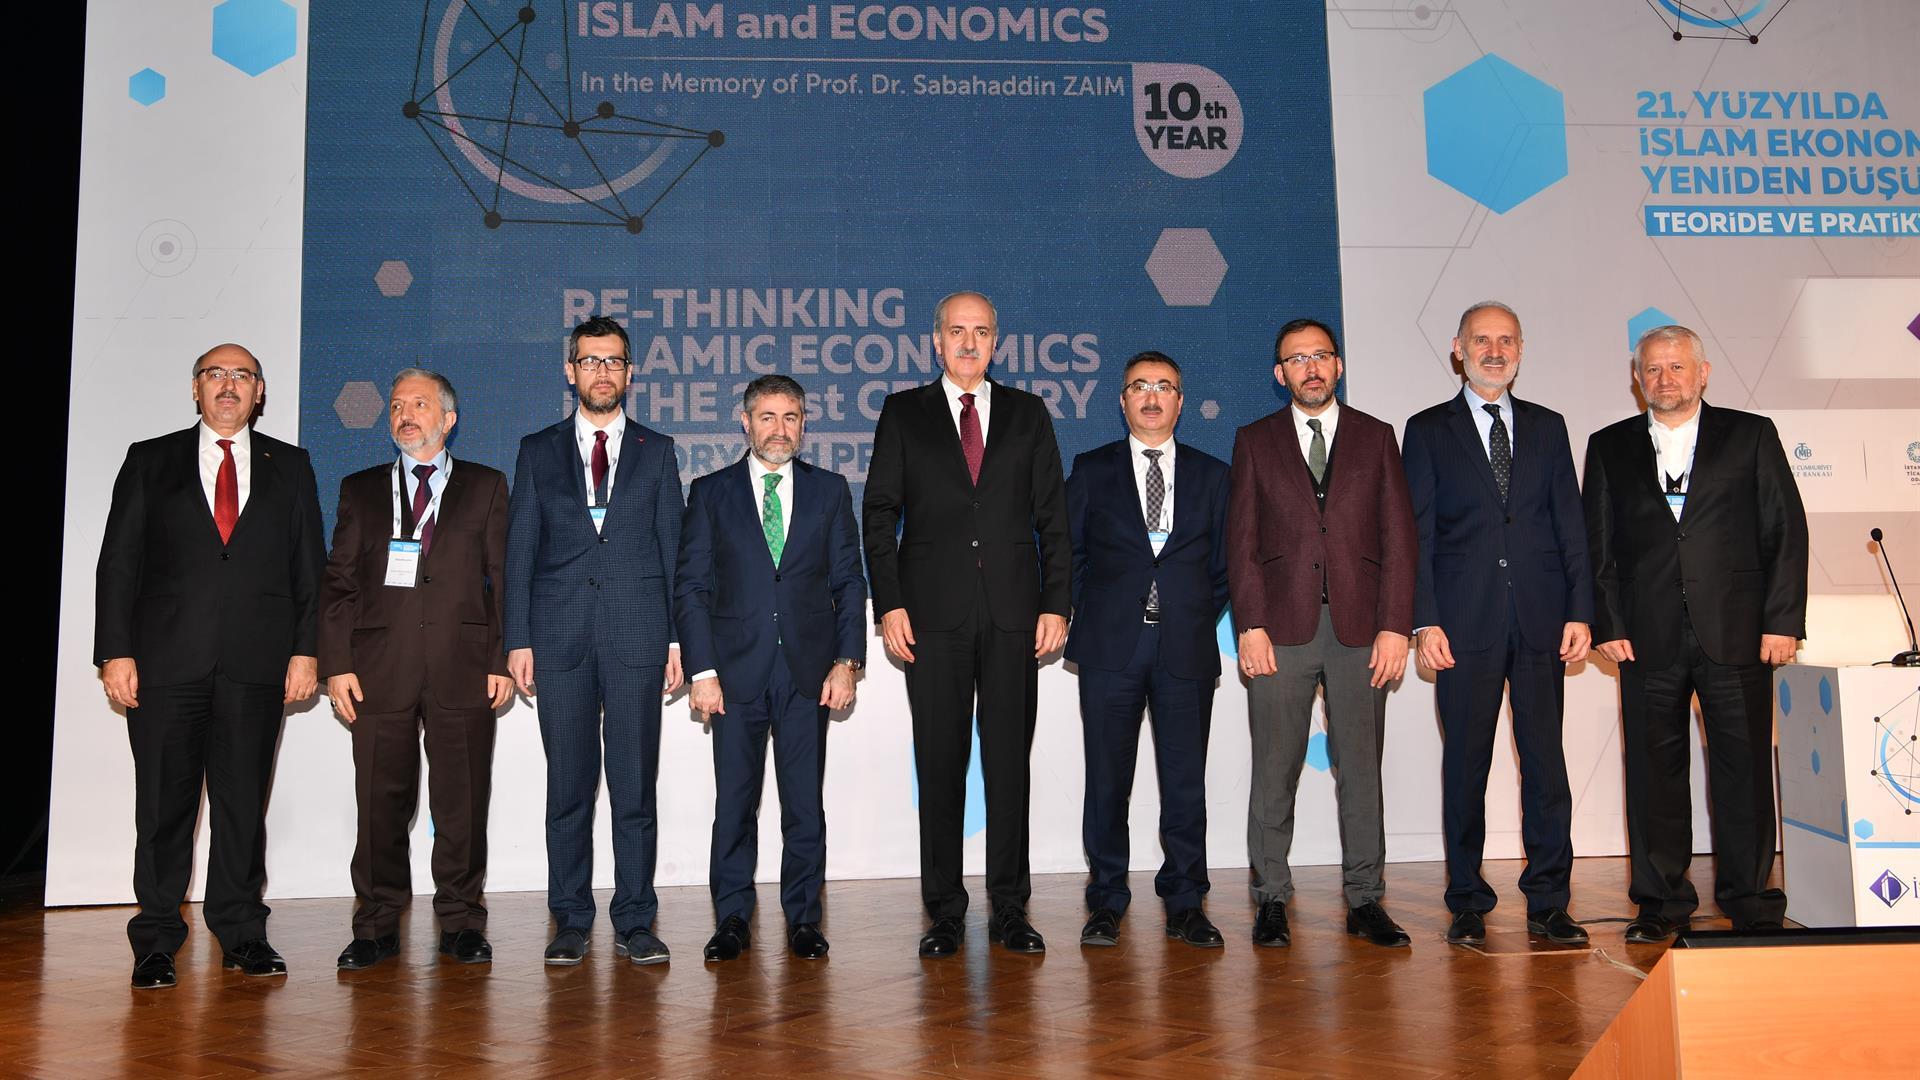 10.-Uluslararası-İslam-ve-Ekonomi-Sempozyumu-İstanbul-Üniversitesi'nde-Gerçekleştirildi